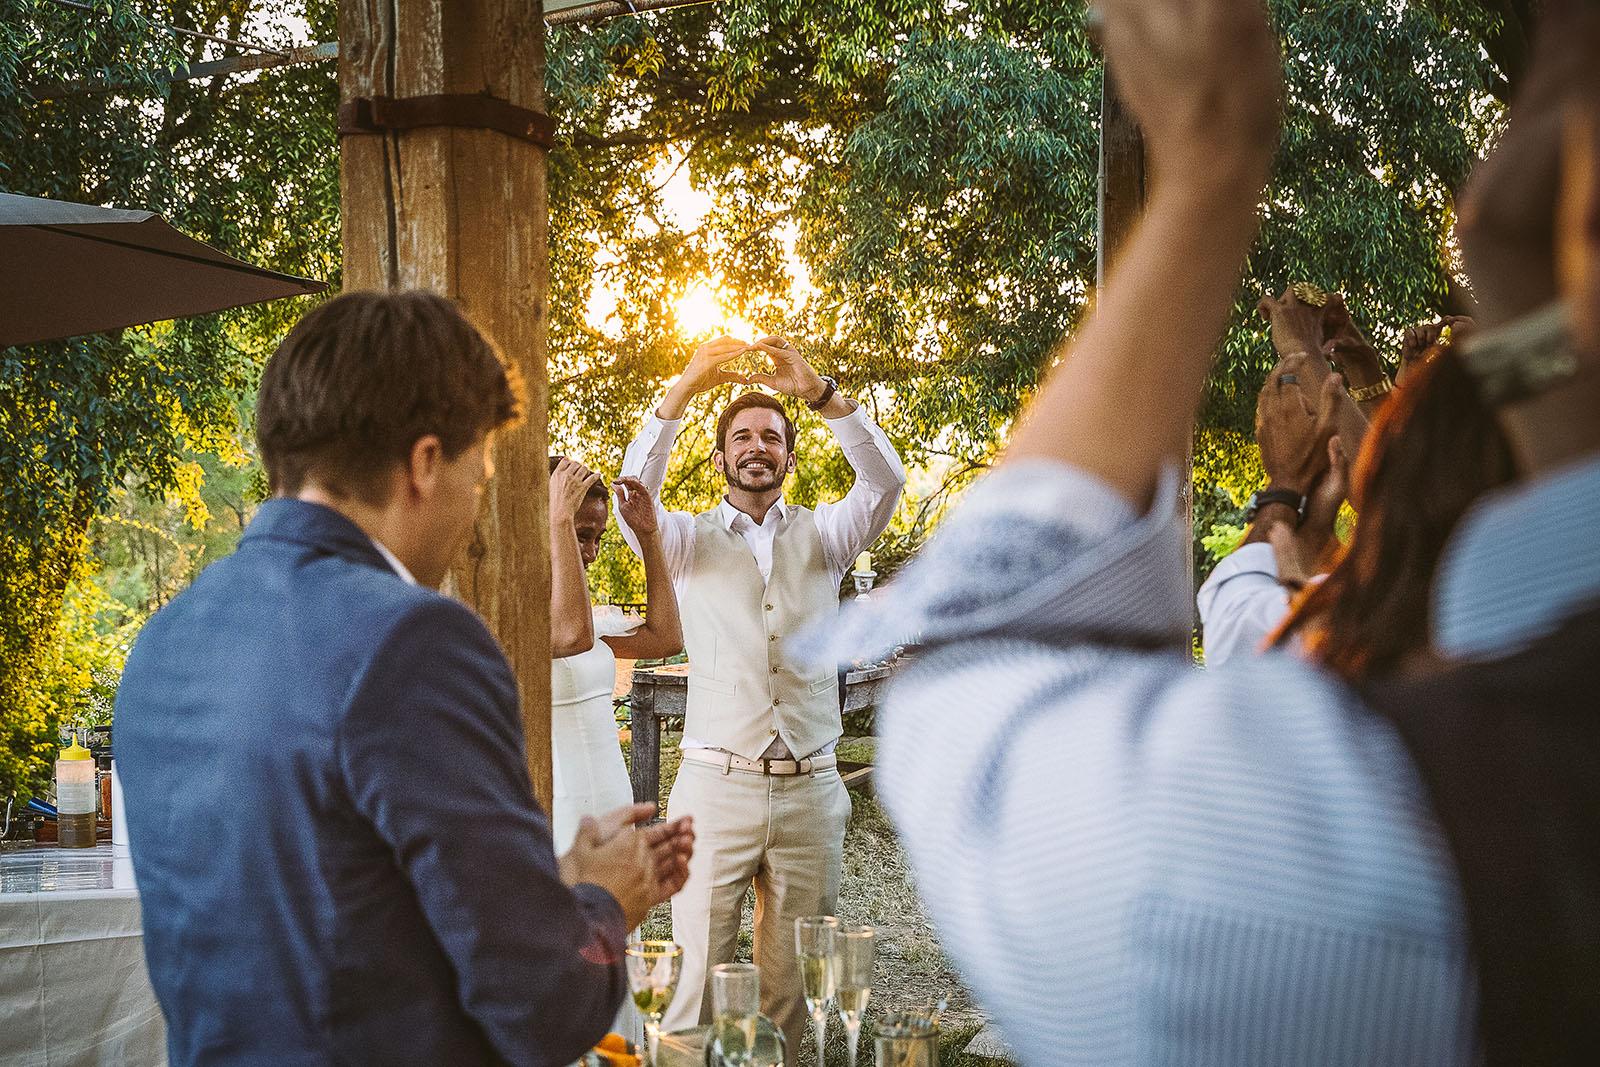 Mariage Mas de La Rouquette. David Pommier photographe de mariage. Les mariés dessinnent des cœurs avec leur main